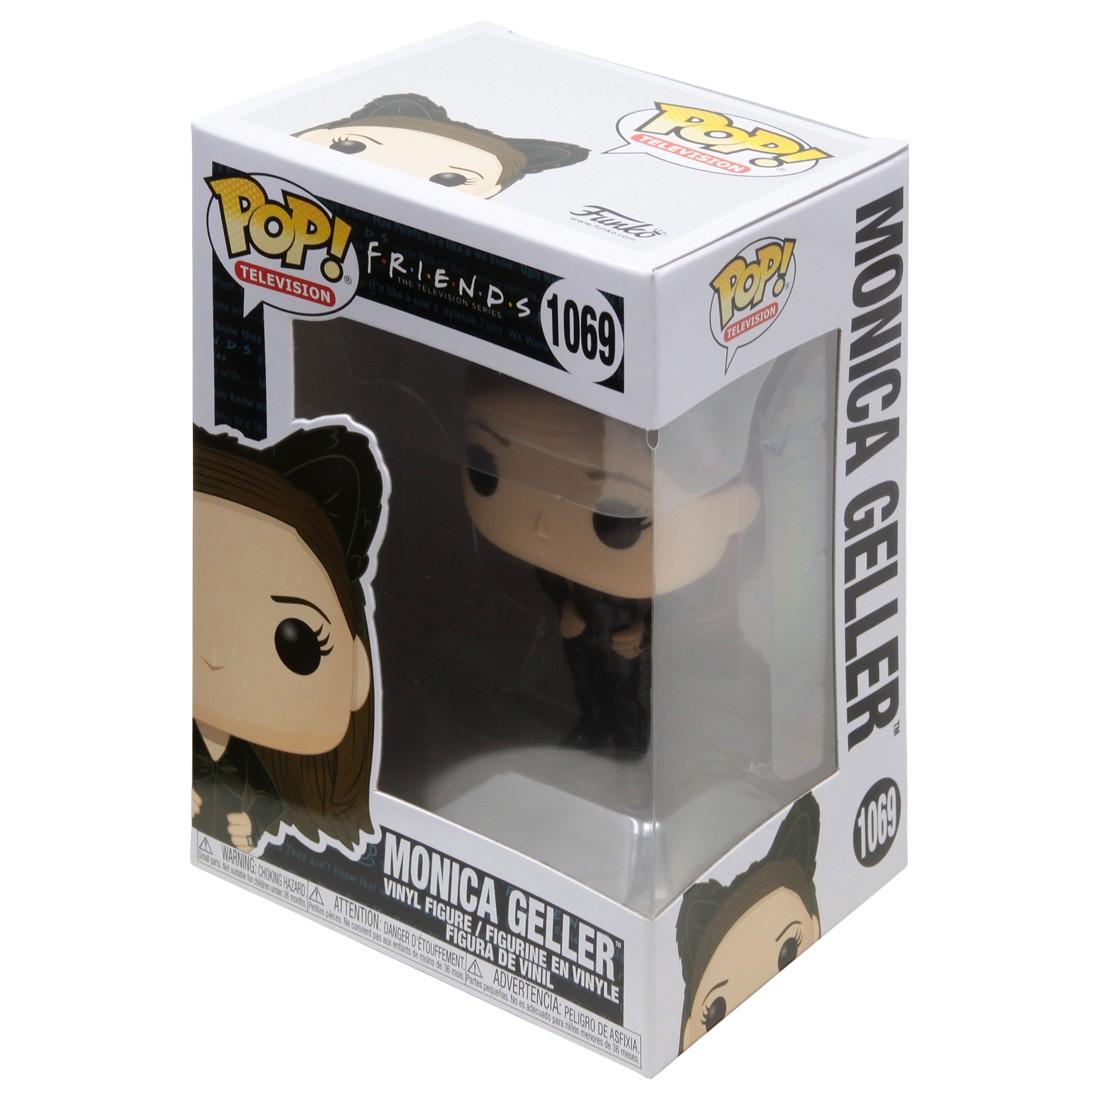 Monica Geller #1069 - Friends - Funko Pop! Television